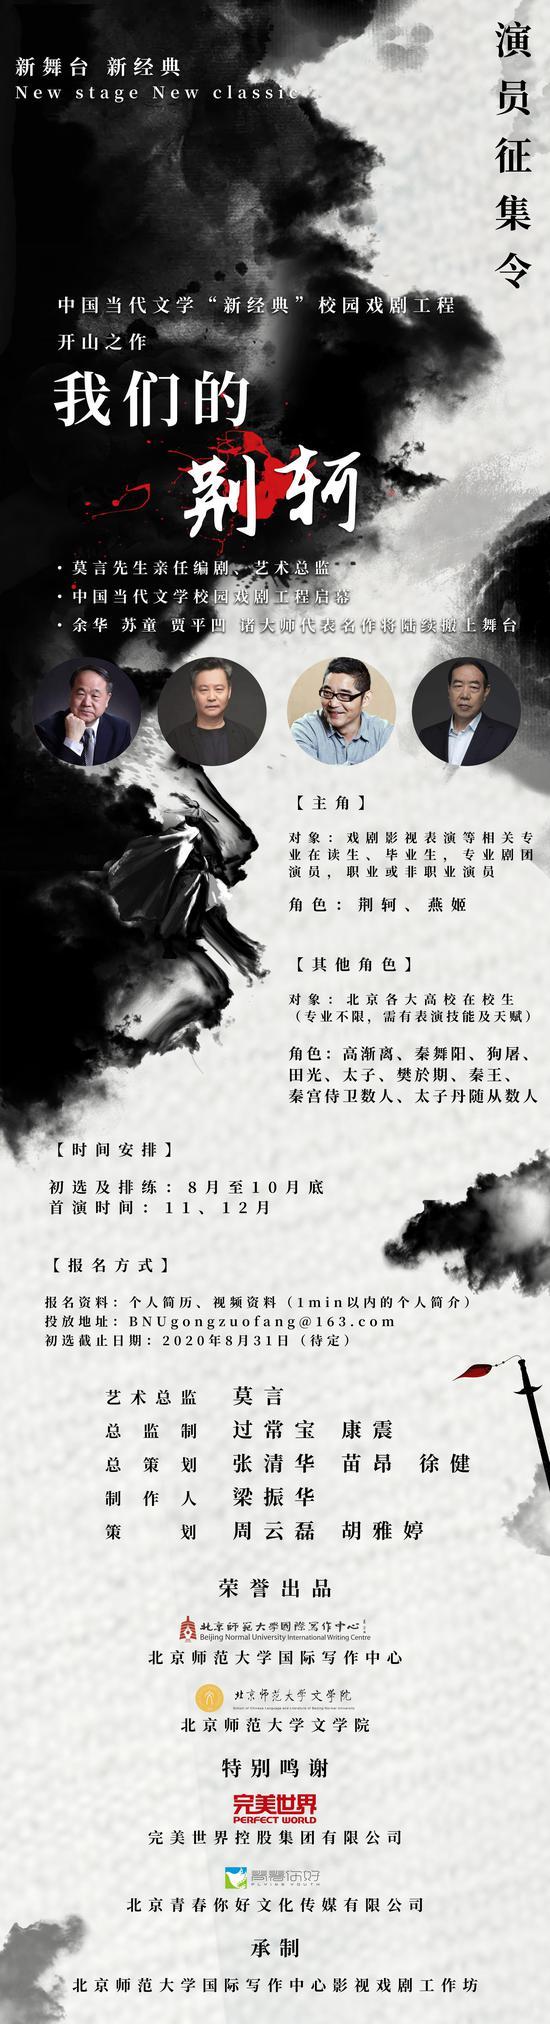 """""""中国当代文学'新经典'校园戏剧工程""""发起令"""